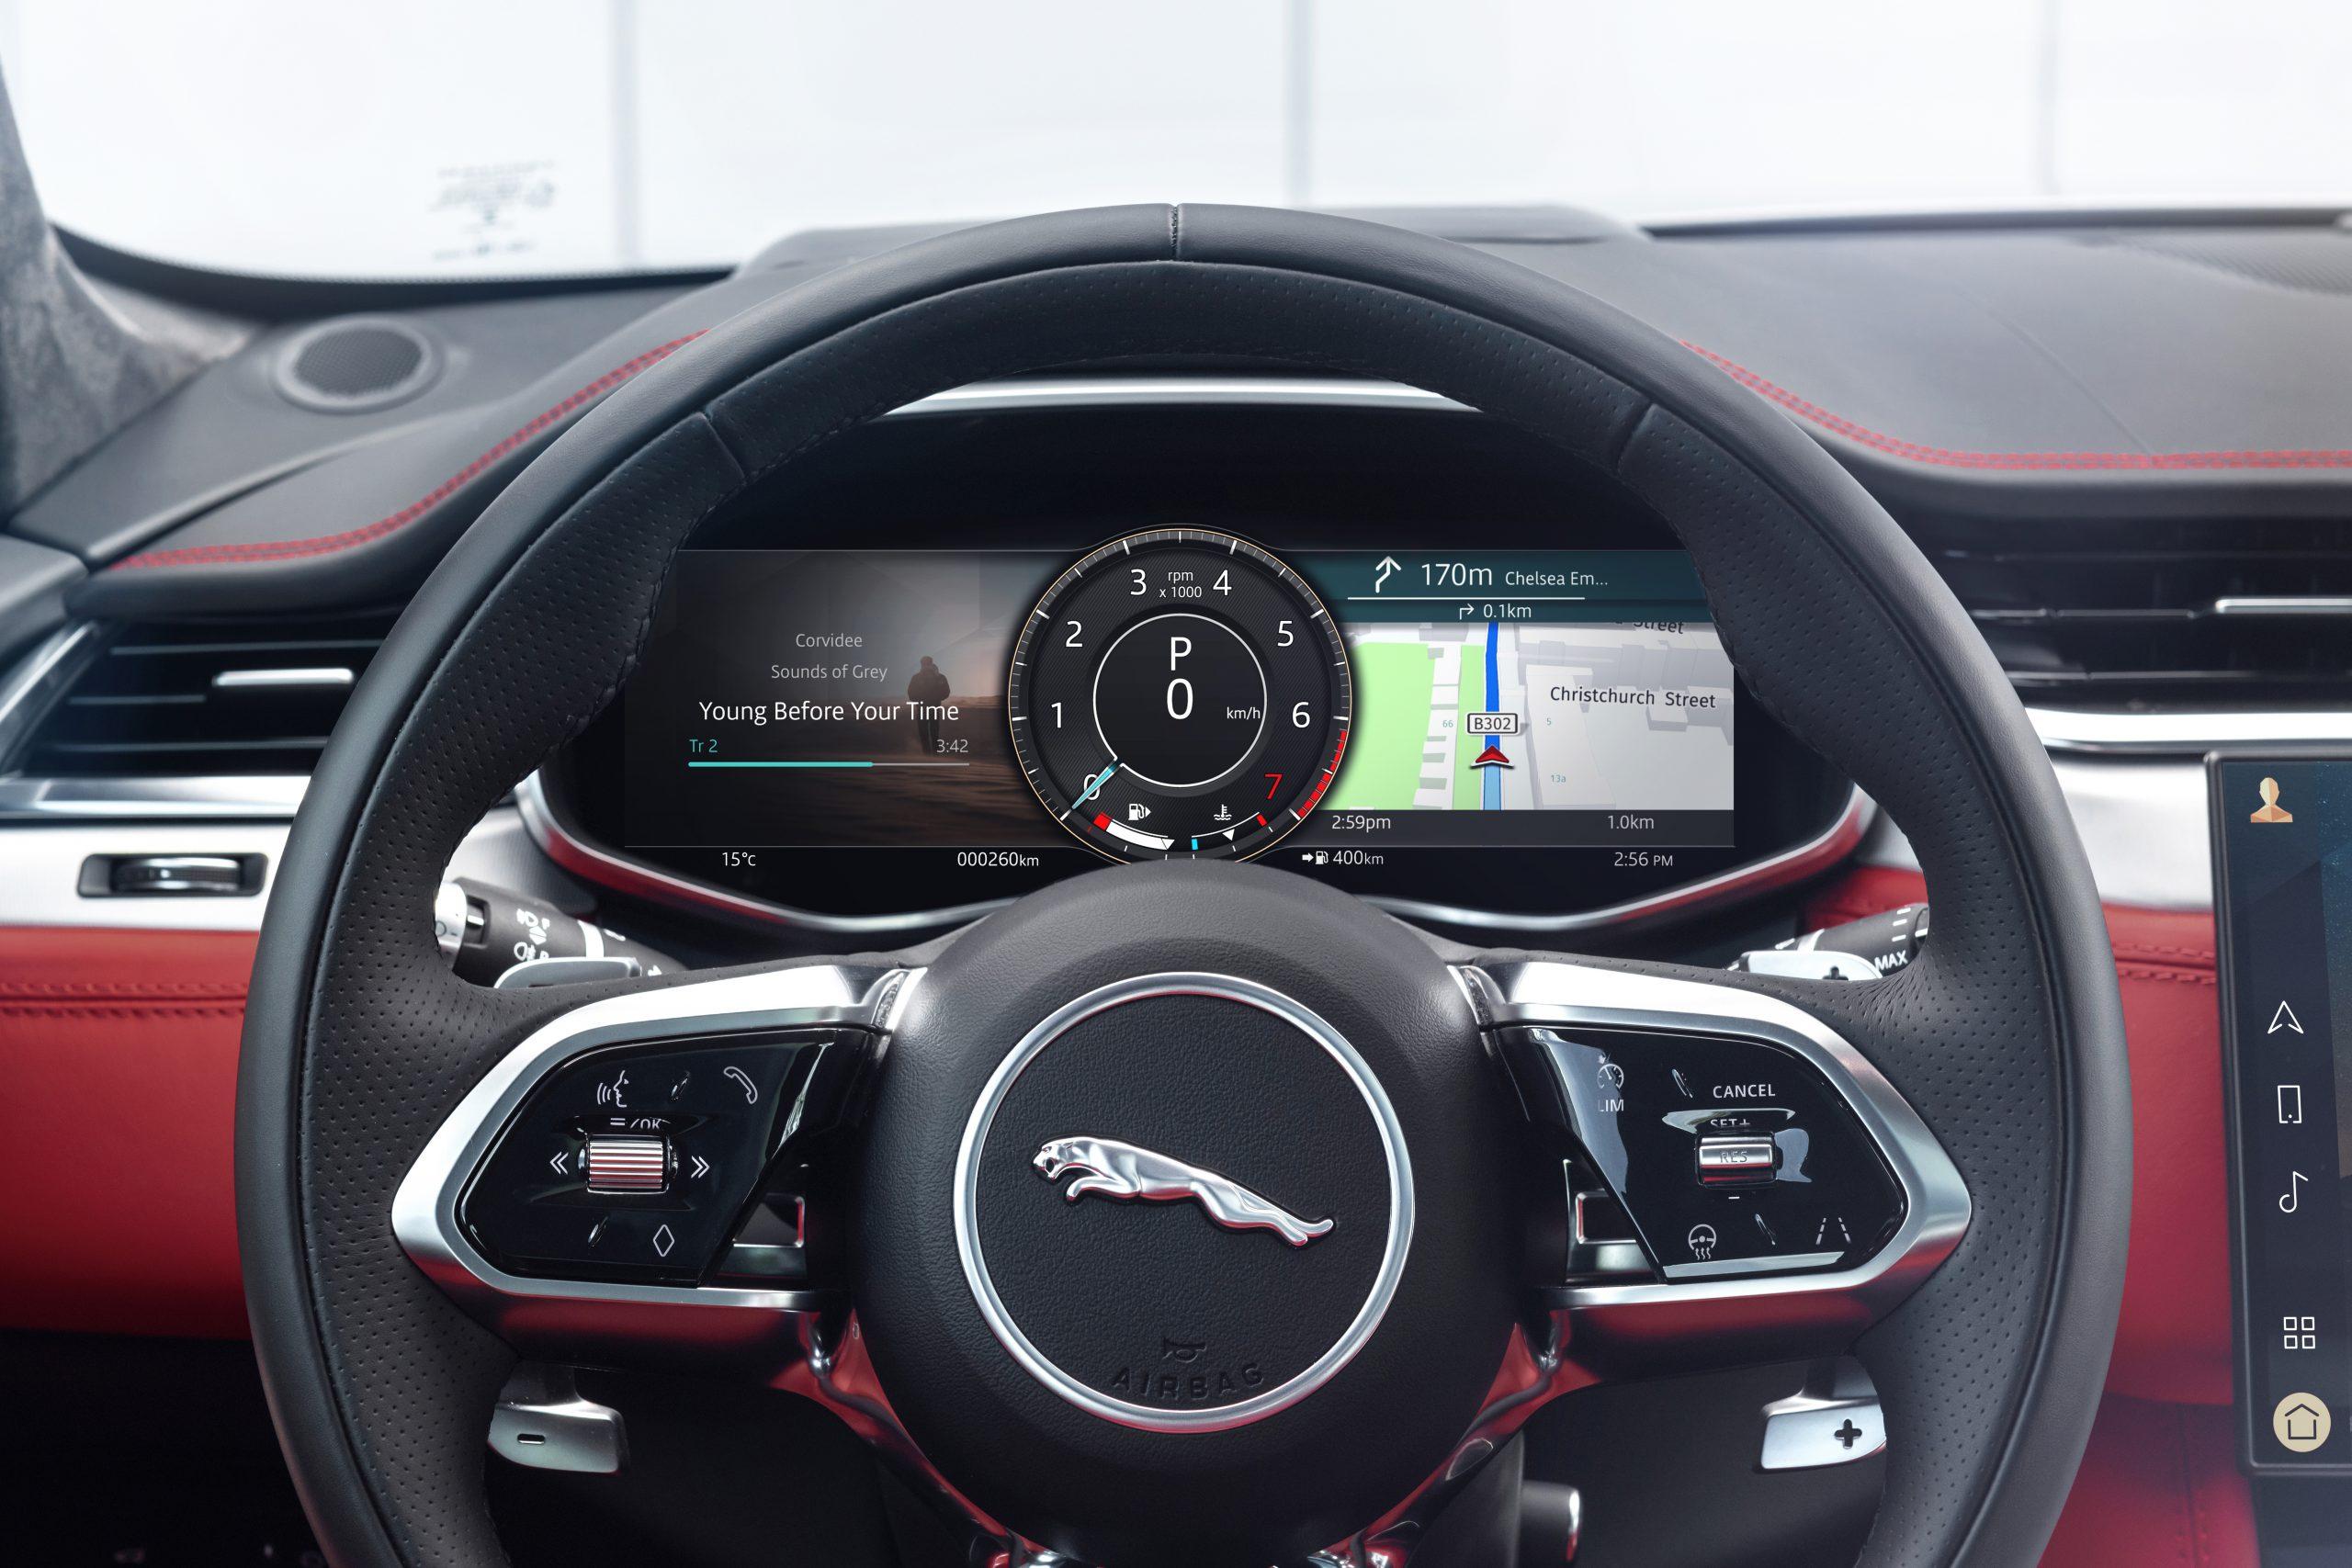 2021 Jaguar F-PACE interior steering wheel digital dash